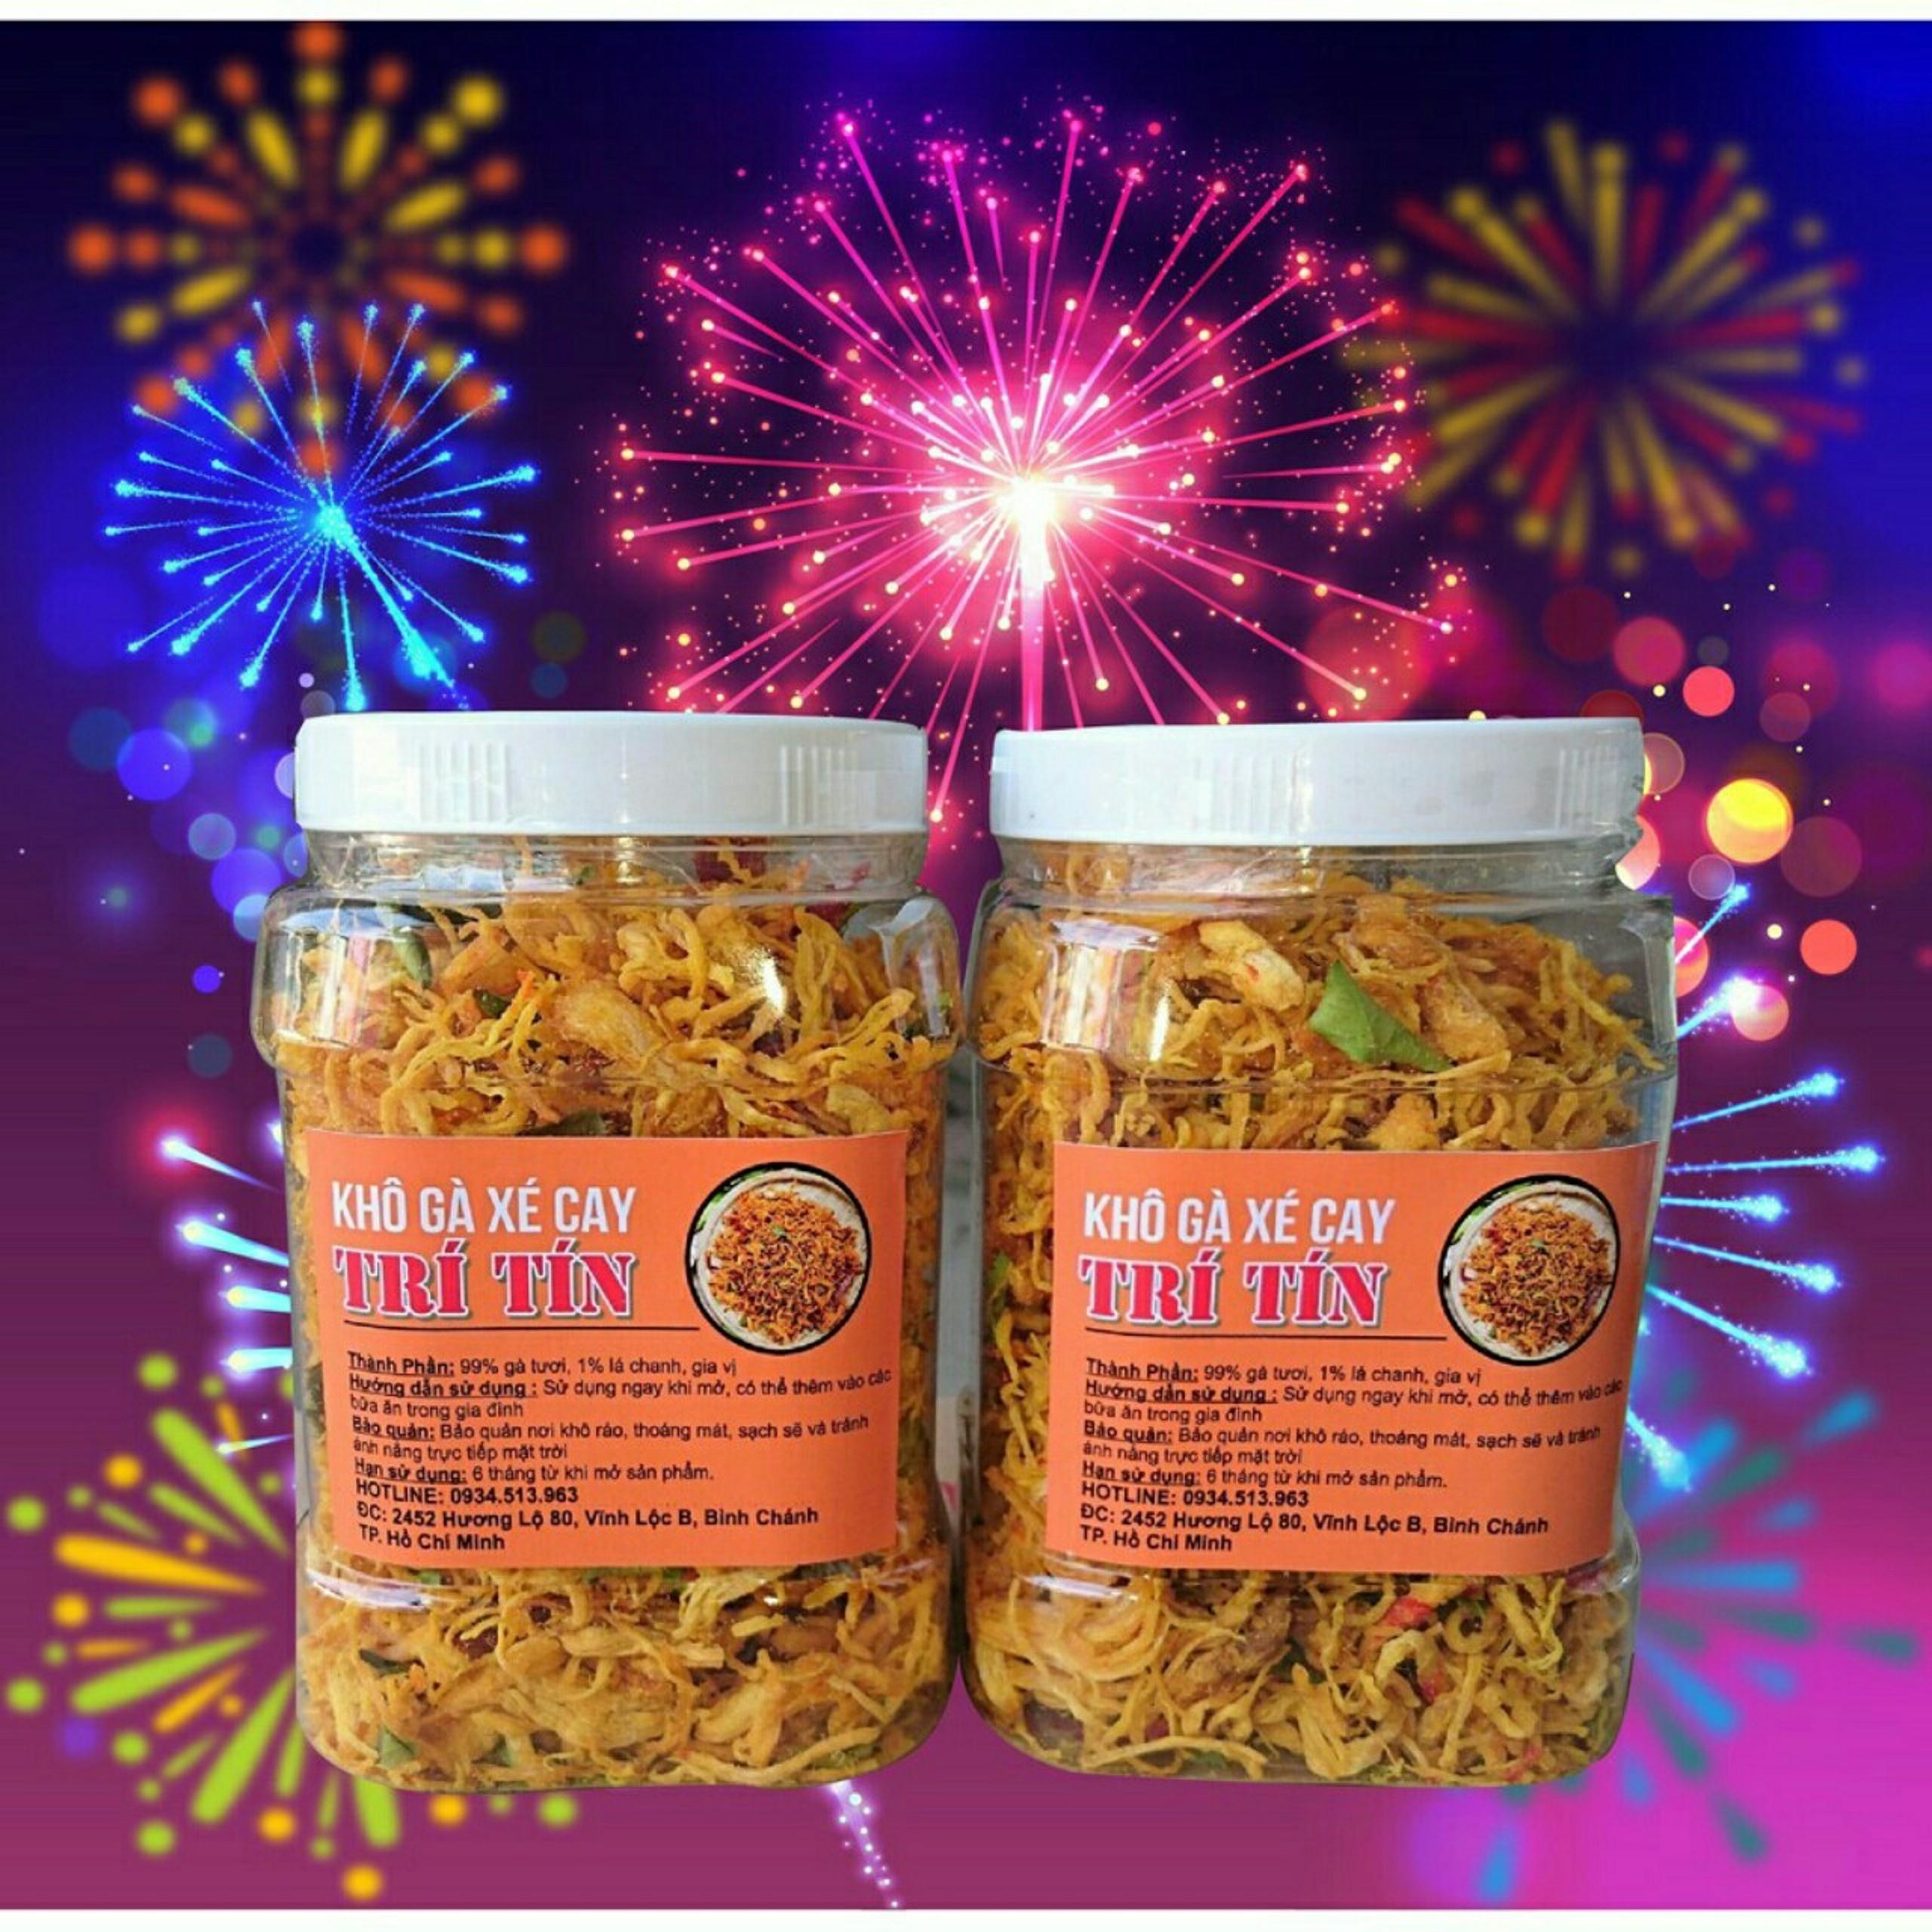 [HCM]1kg khô gà lá chanh - 2 hũ 500g nguyên liệu cao cấp hương vị thơm ngon đảm bảo vệ sinh an toàn thực phẩm